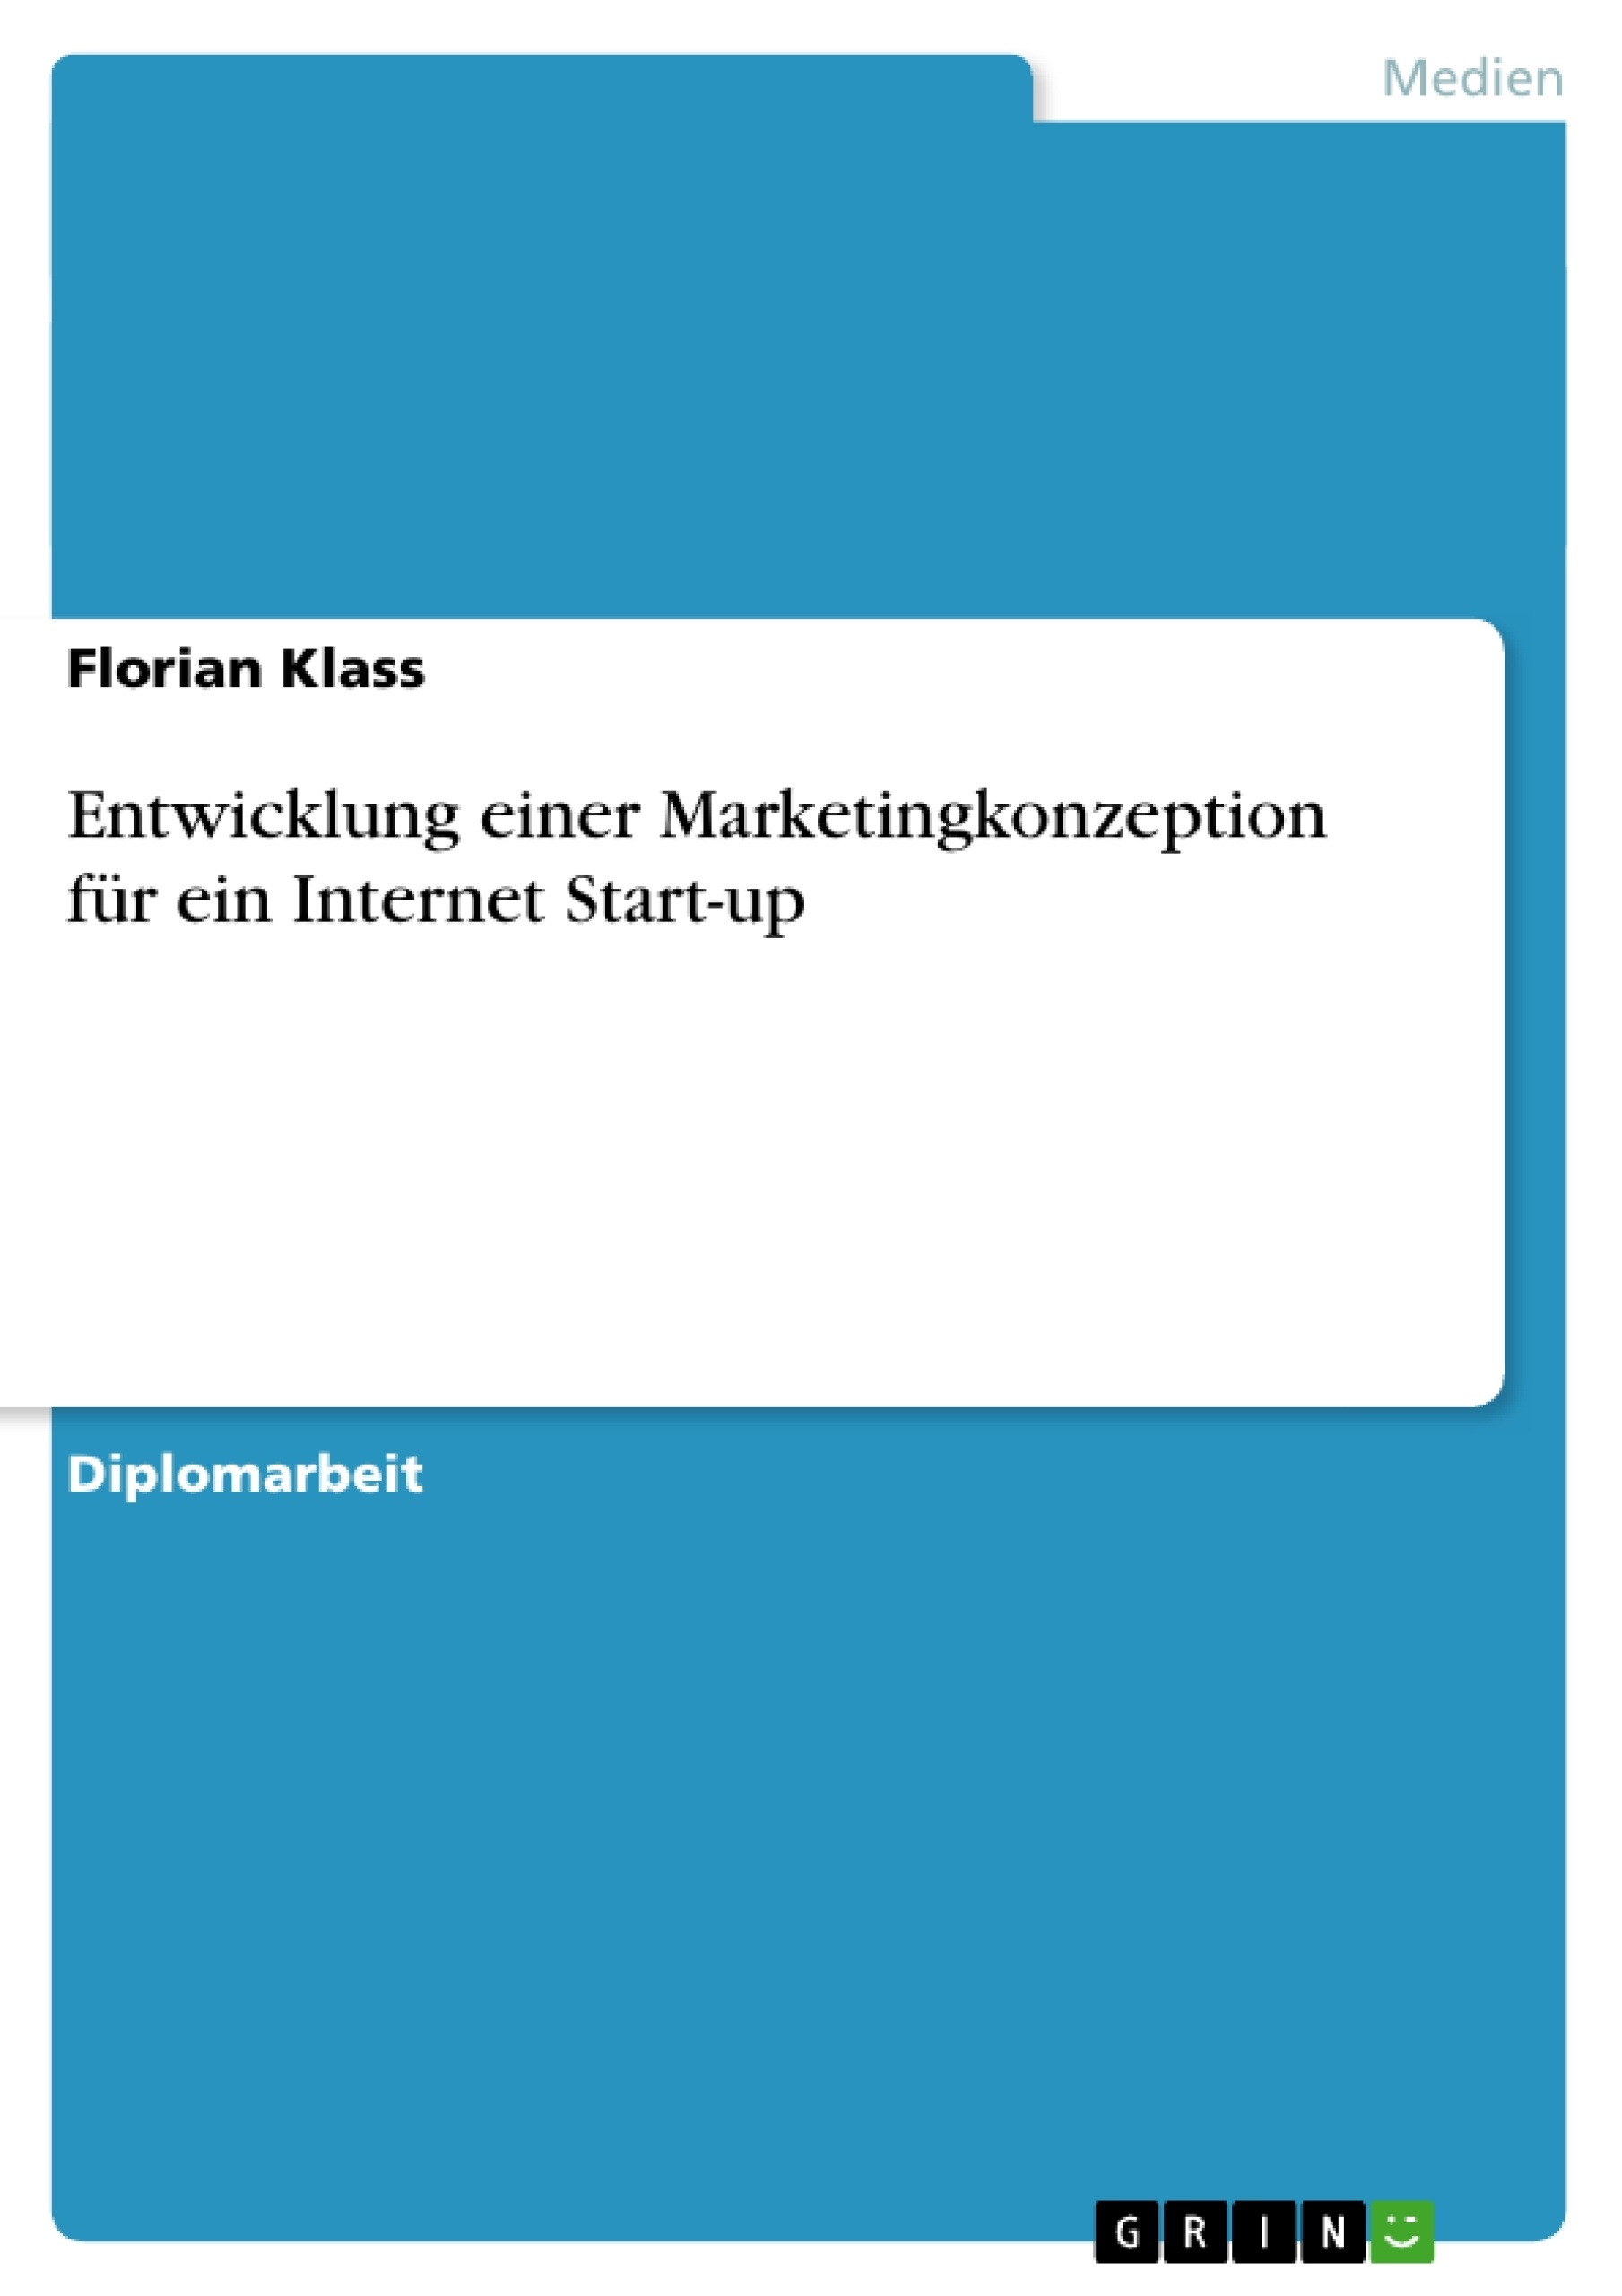 Titel: Entwicklung einer Marketingkonzeption für ein Internet Start-up